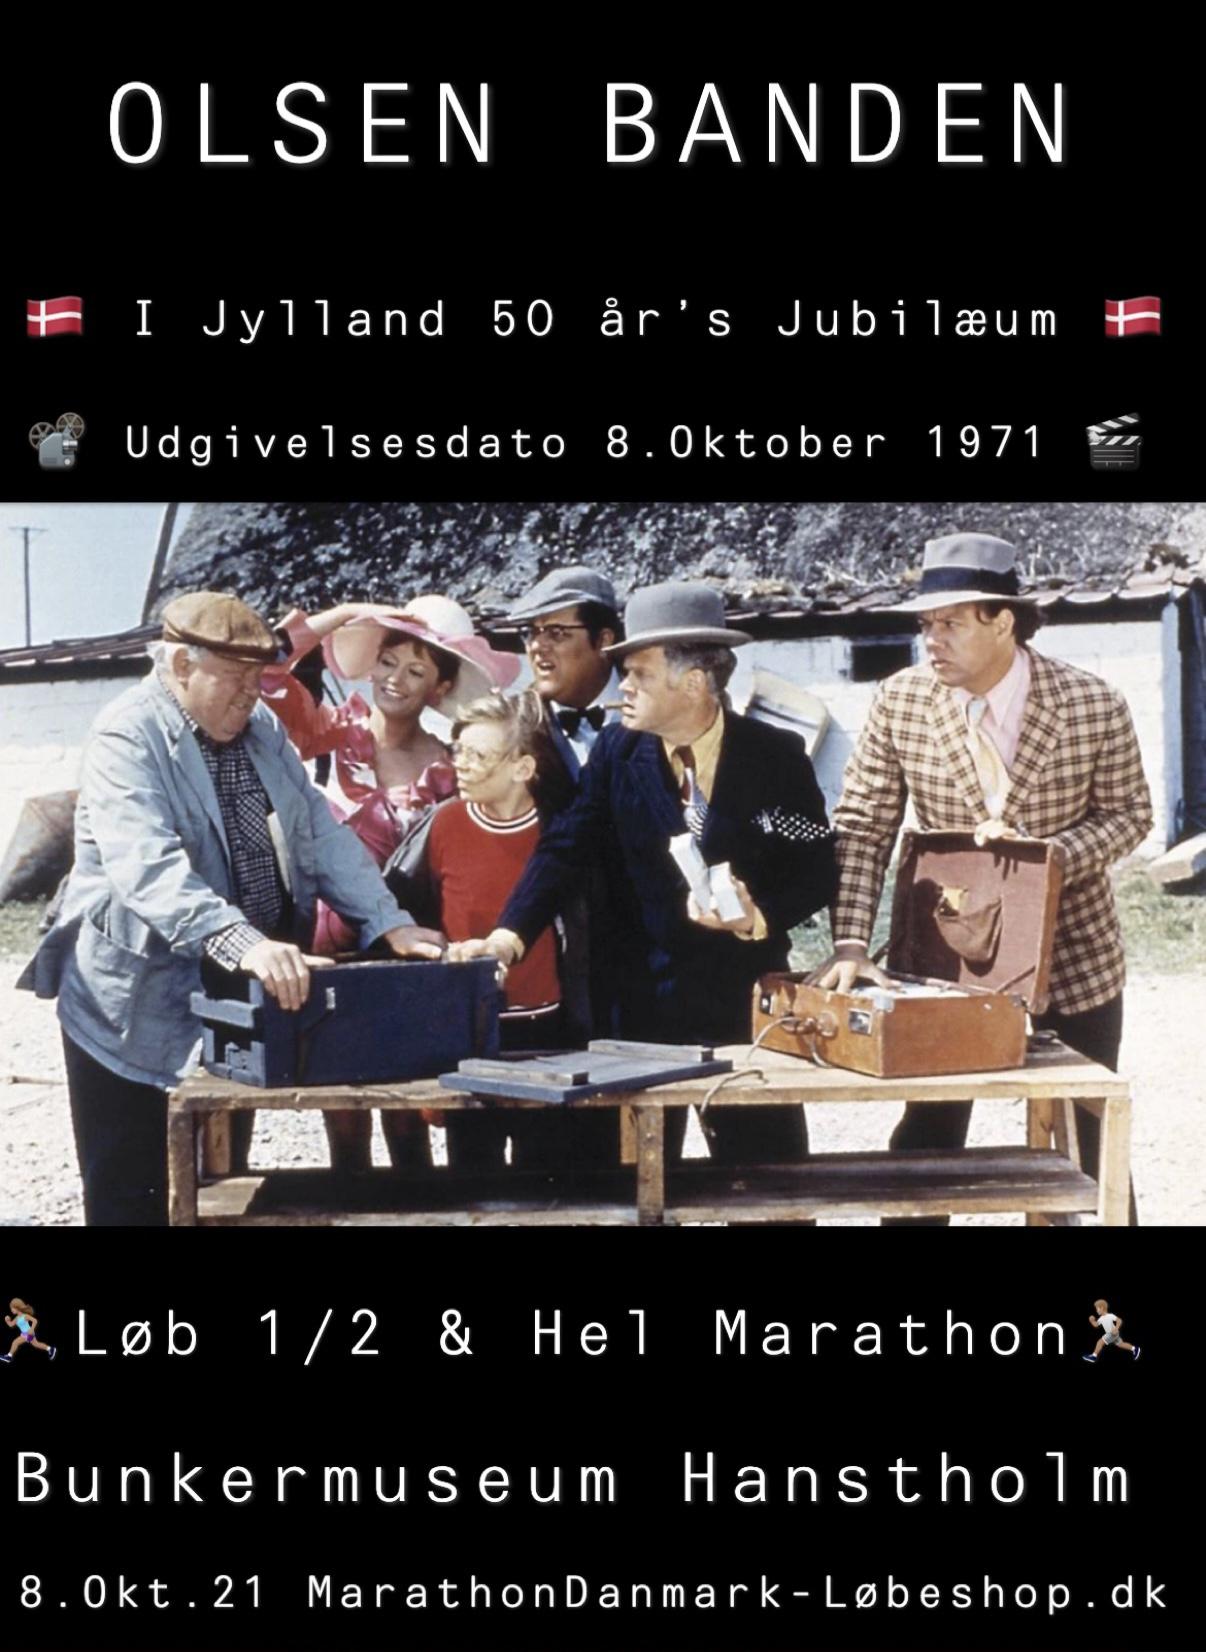 Olsen Banden i Jylland